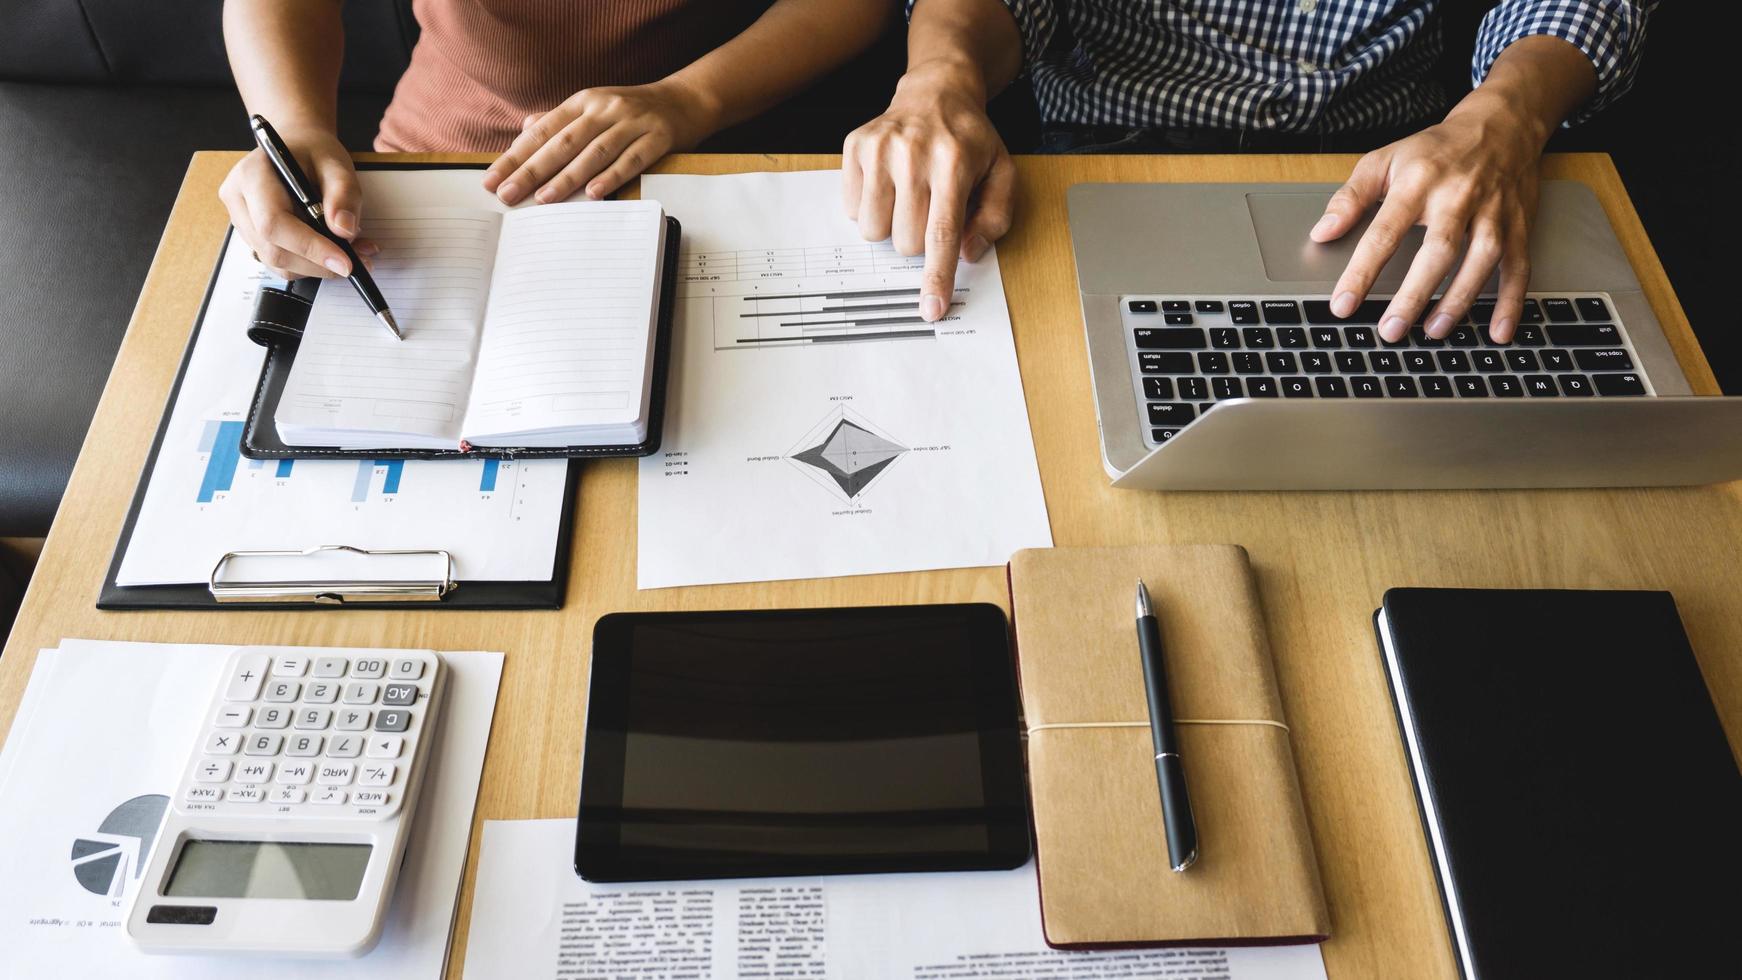 Startup-Geschäftsleute Brainstorming beim Treffen foto